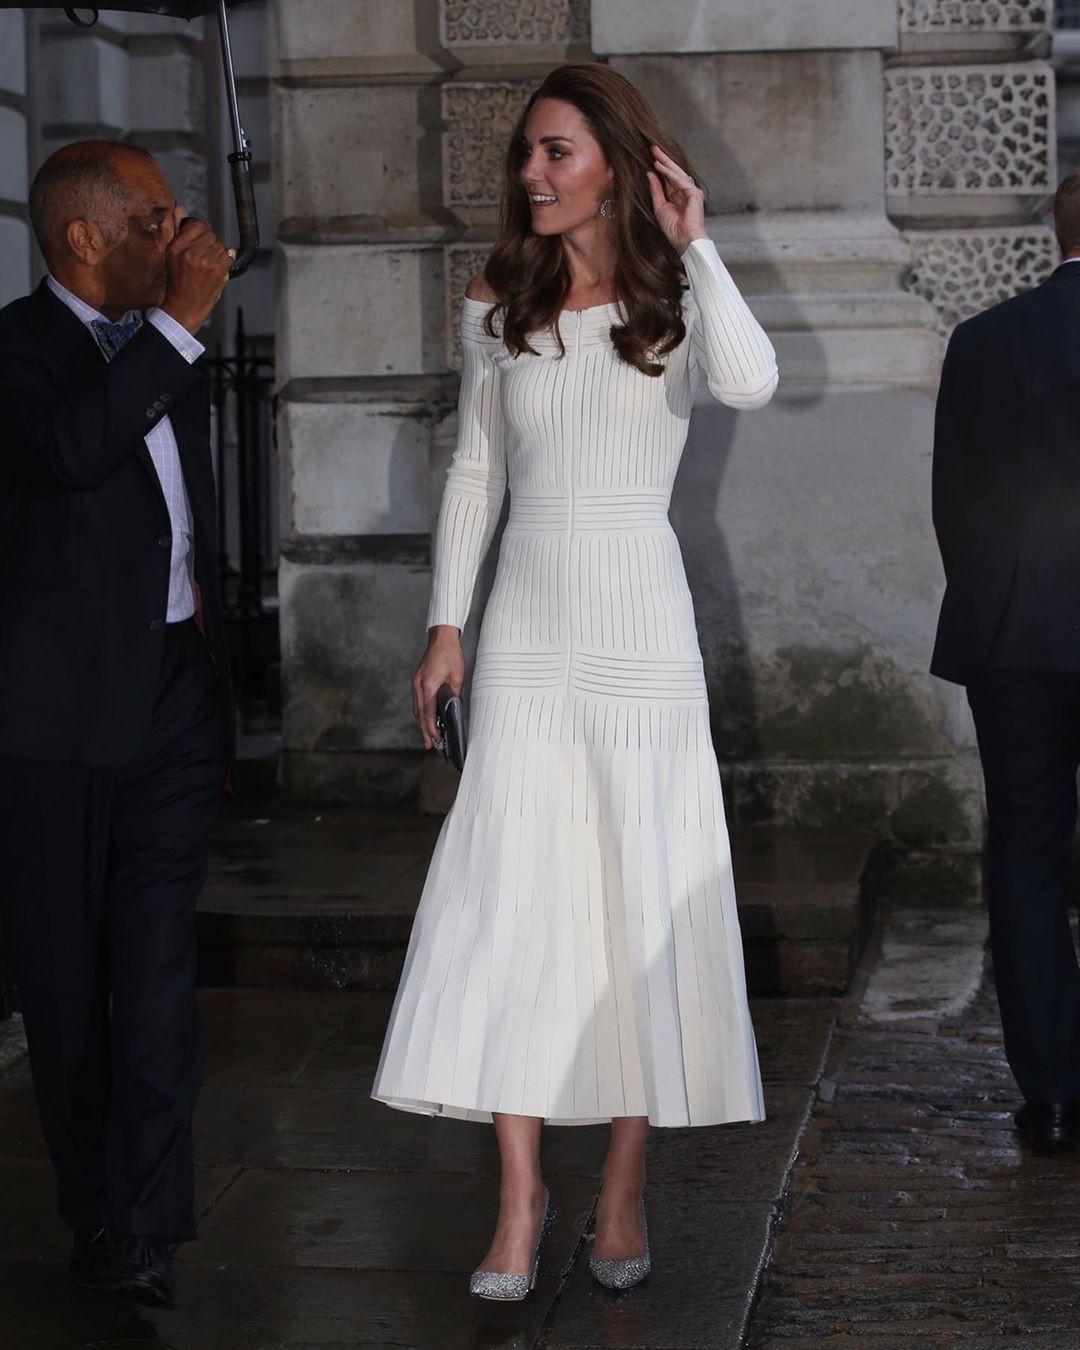 Diện lại đầm gợi cảm từ 3 năm trước, Công nương Kate cho thấy cả một sự nâng tầm về nhan sắc và phong cách - Ảnh 3.